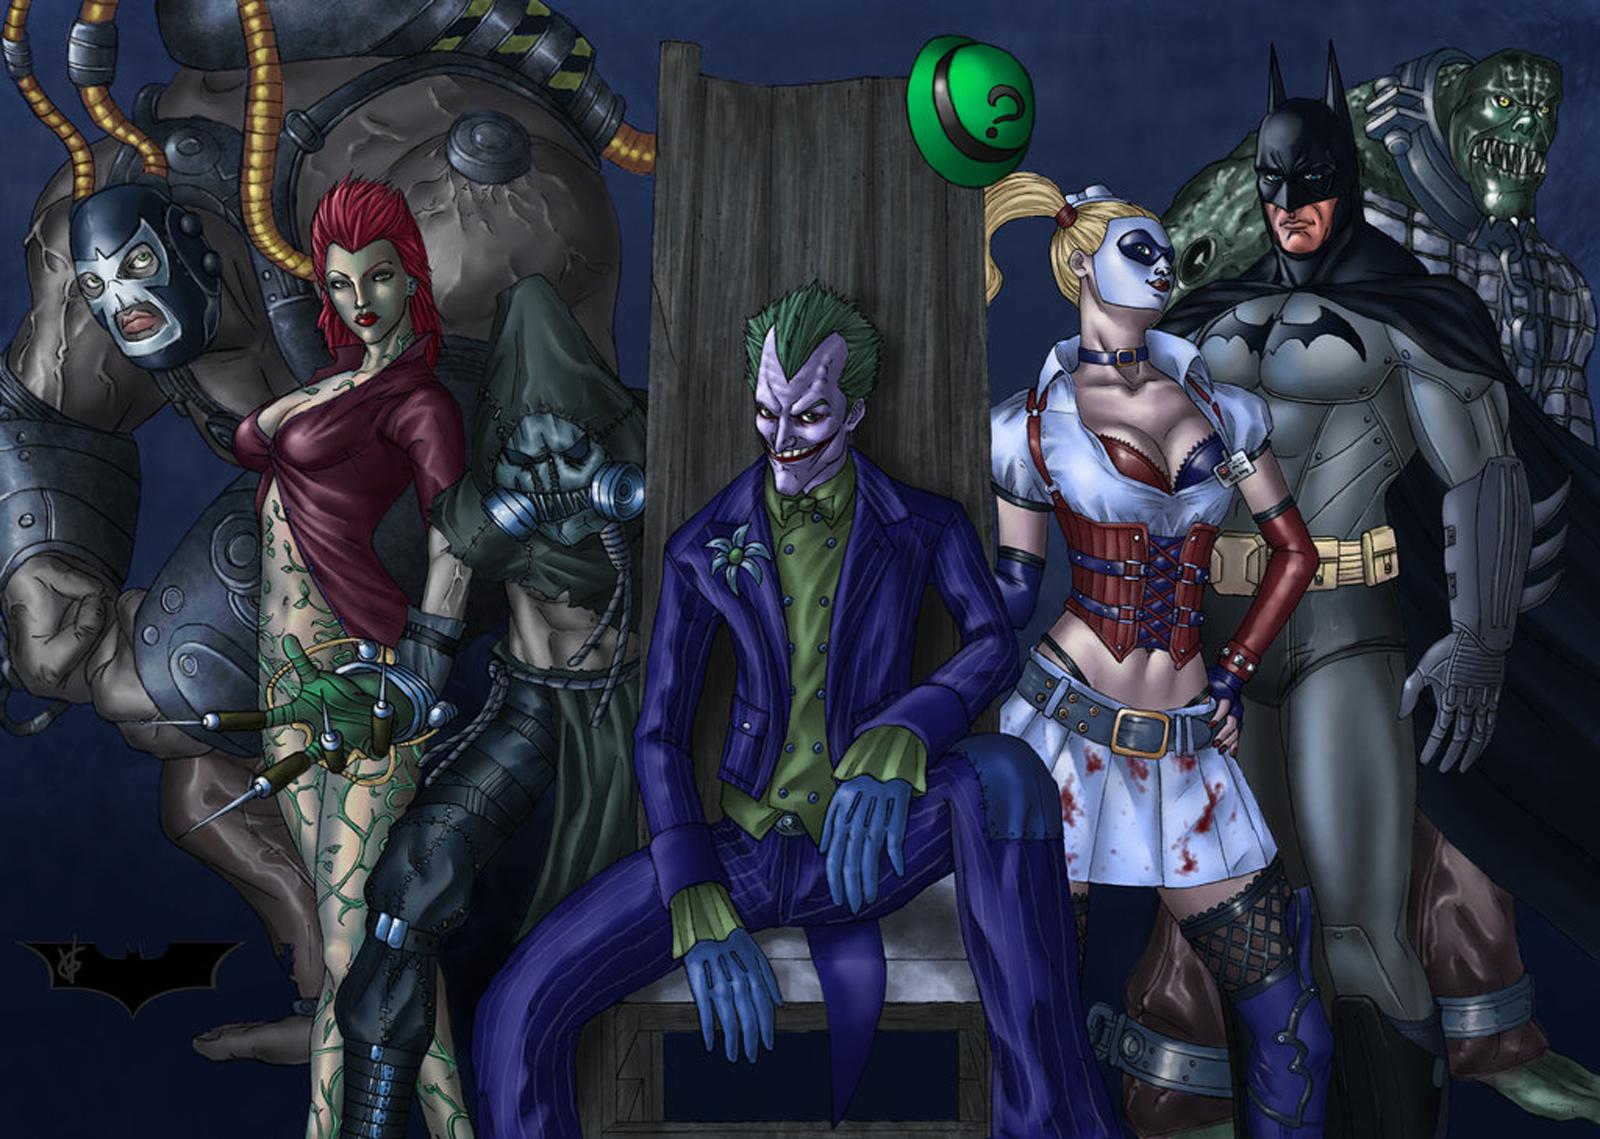 batman joker harley quinn scarecrow poison ivy batman arkham asylum 1600x1139